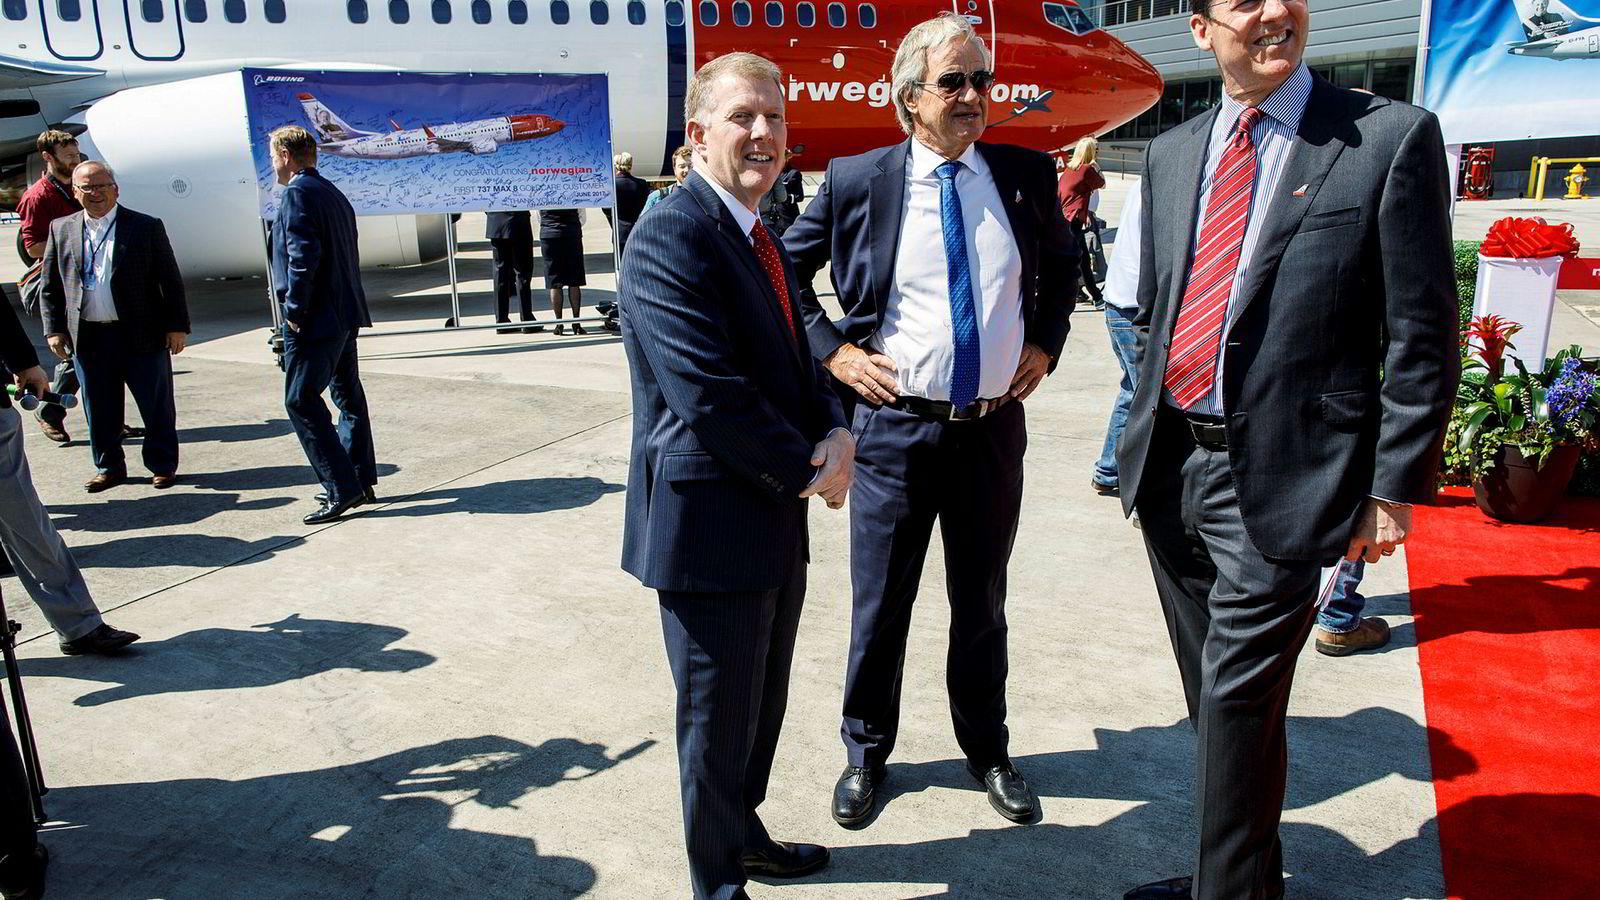 Konsernsjef Bjørn Kjos i Norwegian står her foran det første av over hundre fly av typen Boeing 737 Max som selskapet har bestilt. Fra venstre: Kevin G. McAllister, toppsjef for kommersielle fly i Boeing, Bjørn Kjos i Norwegian og Mark Norris, salgssjef for Boeing i Europa.